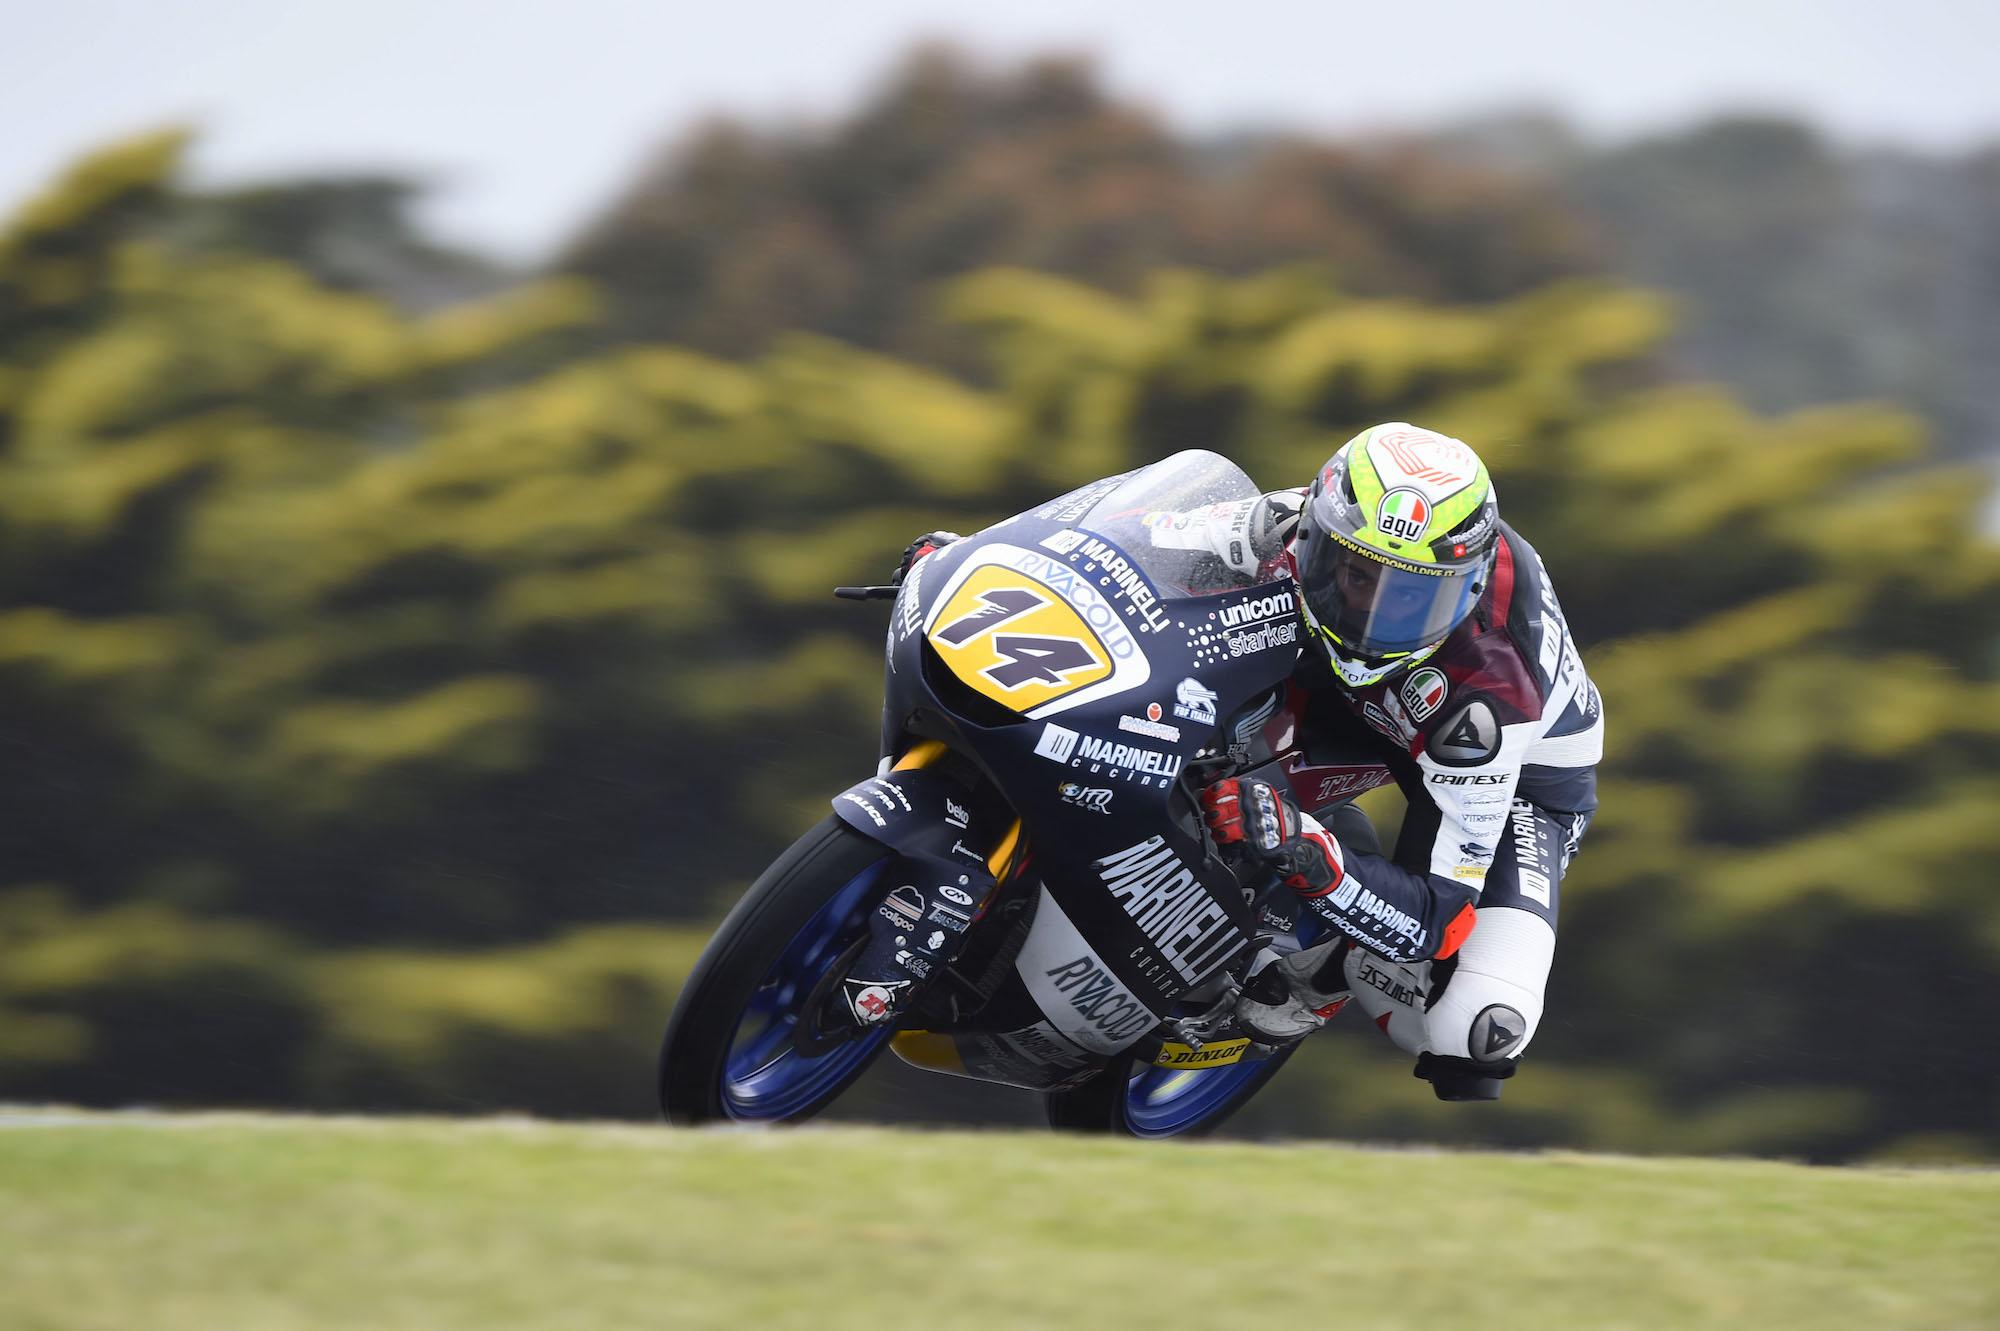 Tony Arbolino lidera Moto3 en unos libres aguados en Malasia